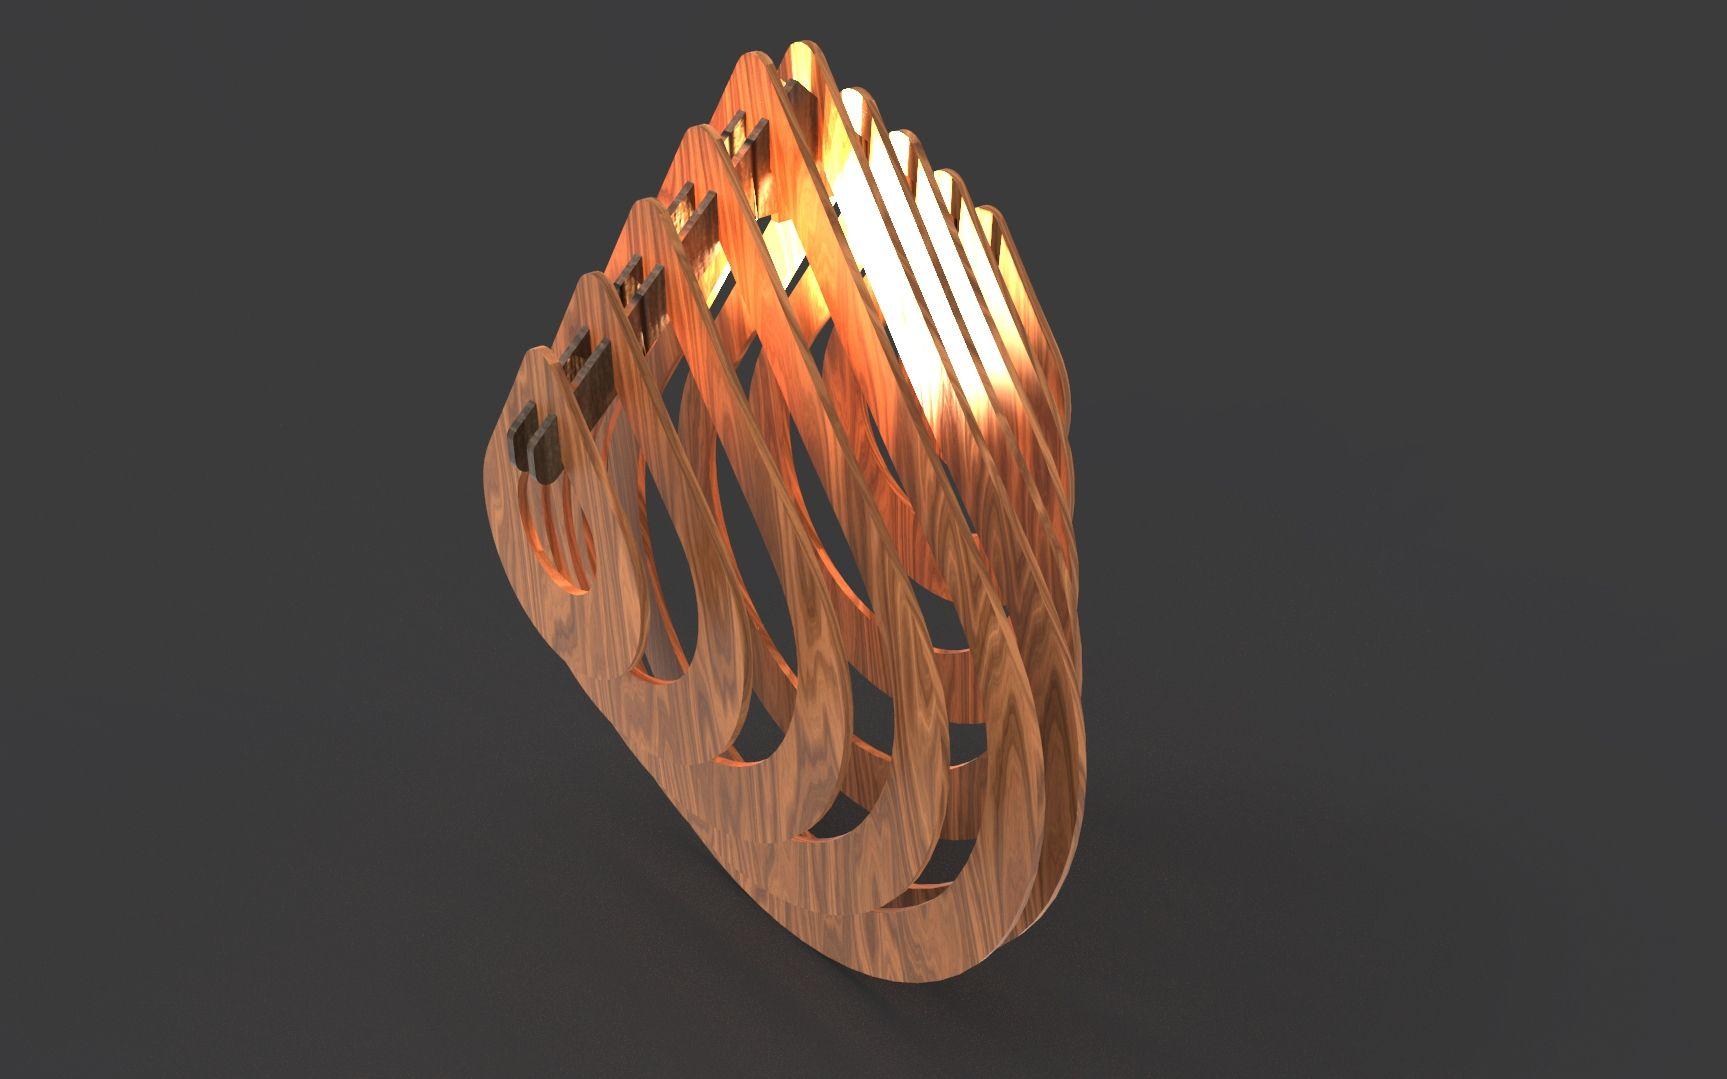 Lumini-prox2-ren-3500-3500